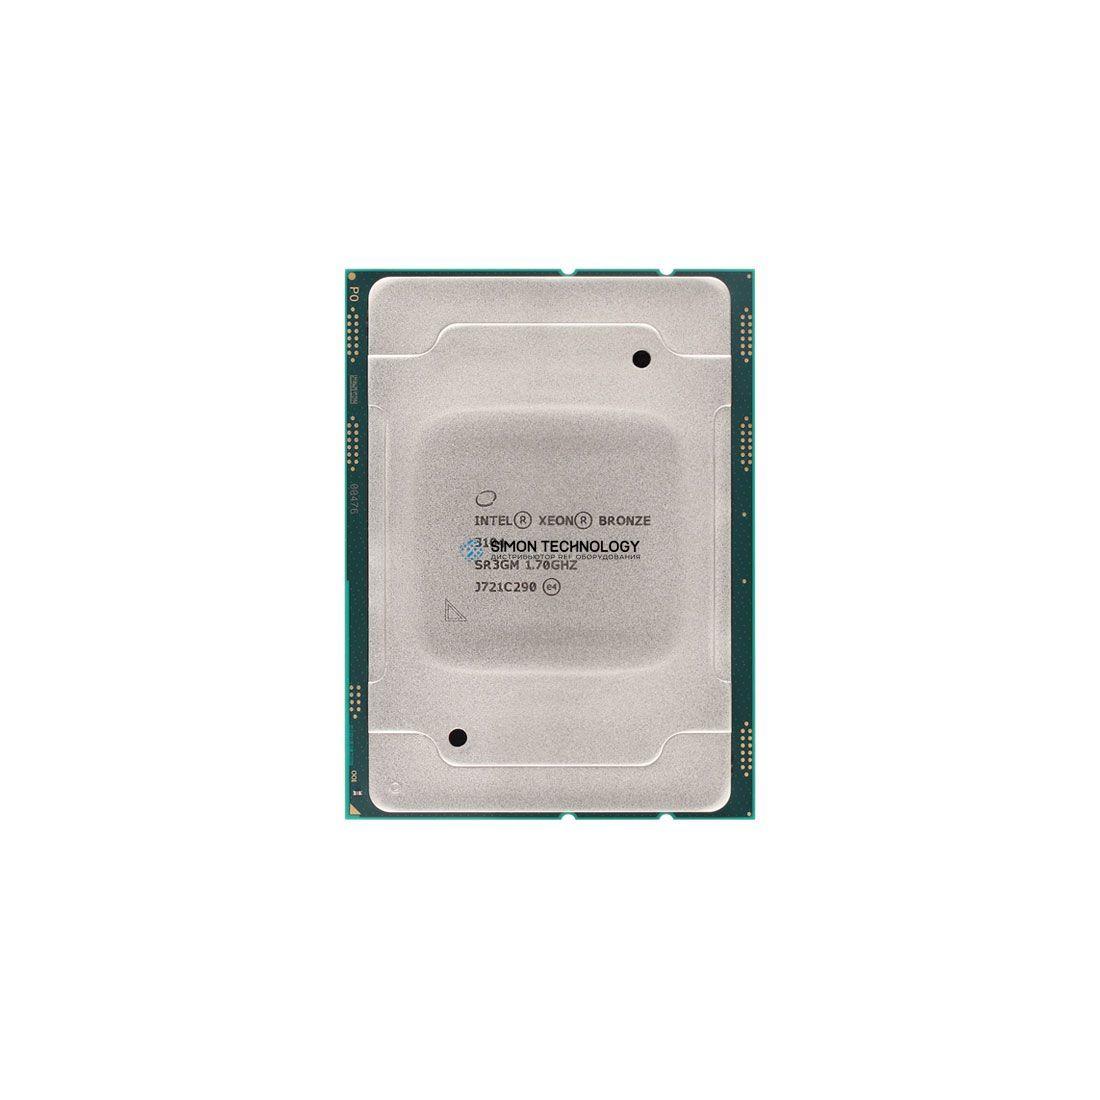 Процессор Intel Xeon Bronze 3104 6C 1.7GHz 8MB 85W Processor (401-ABHH)